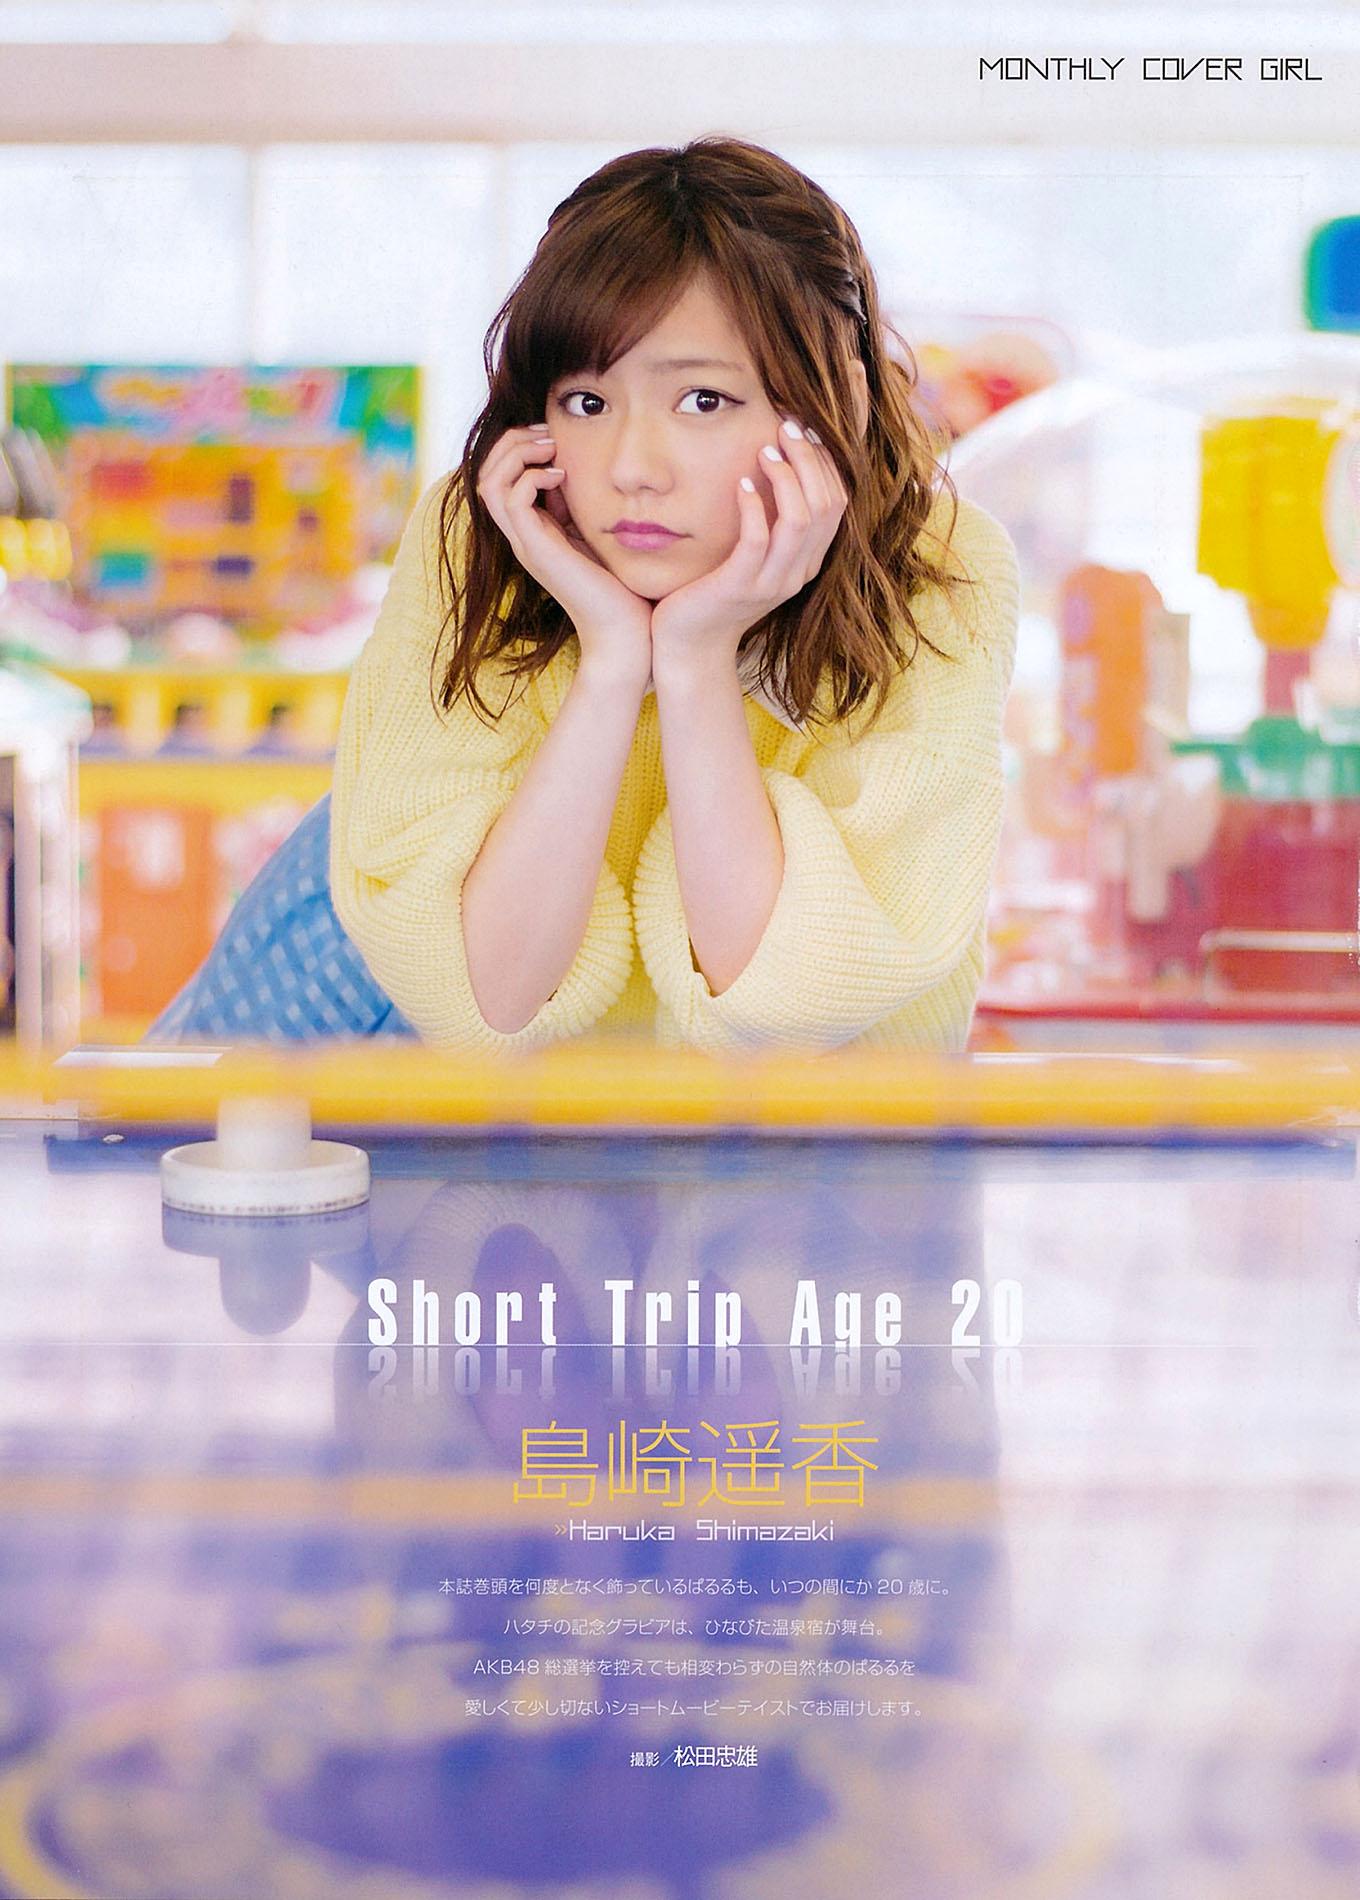 HShimazaki EnTame 1407 02.jpg